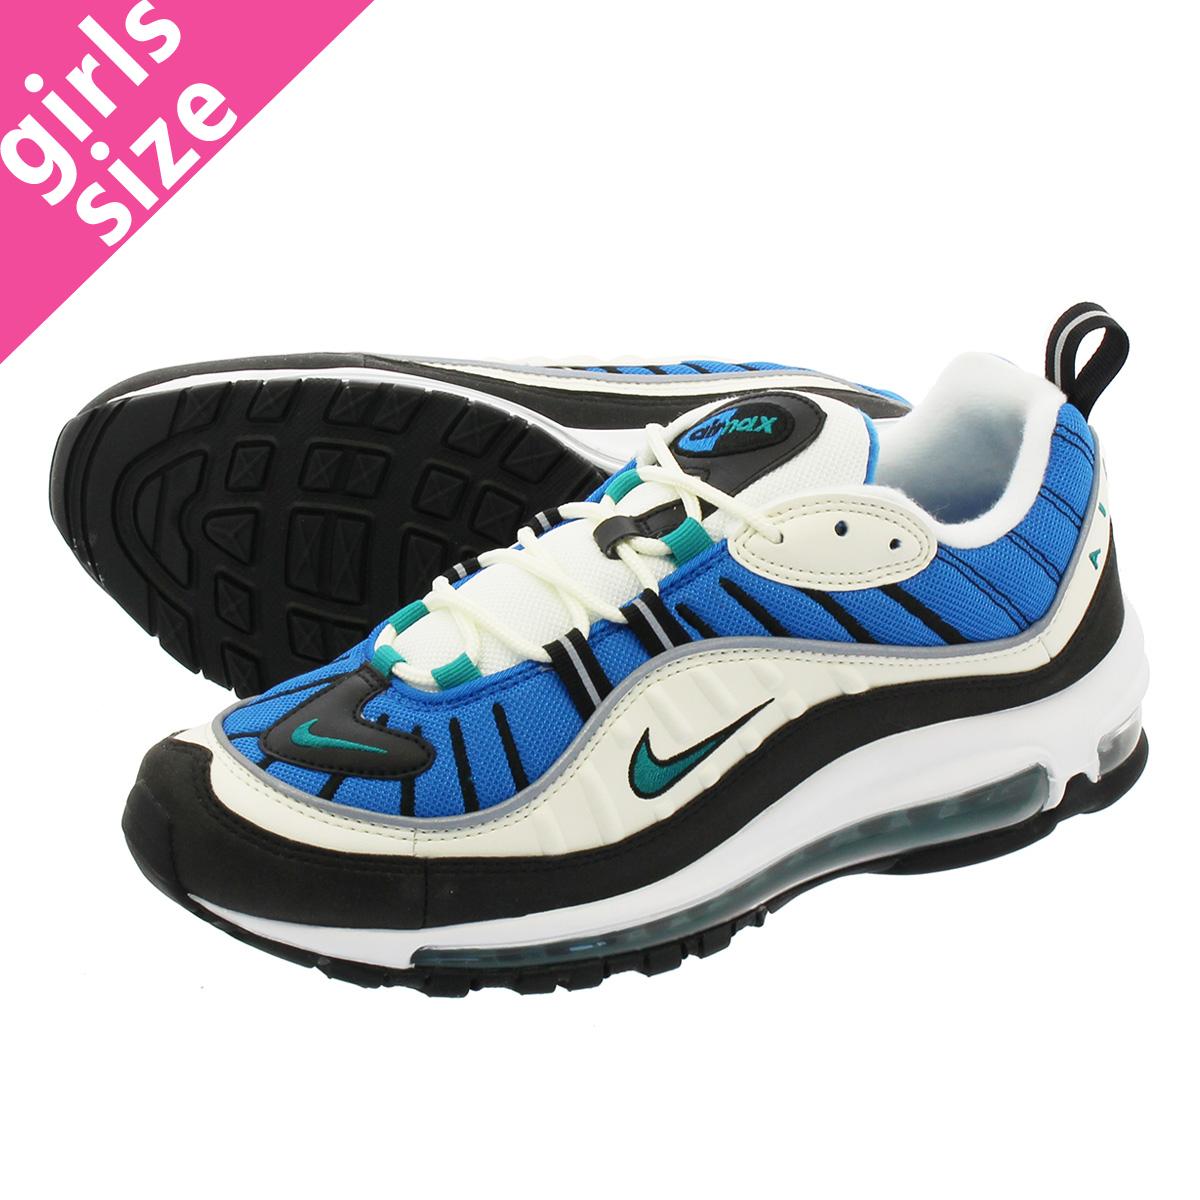 6d68409734 NIKE WMNS AIR MAX 98 Nike women Air Max 98 SAIL/RADIANT EMERALD/BLUE NEBULA  ah6799-106